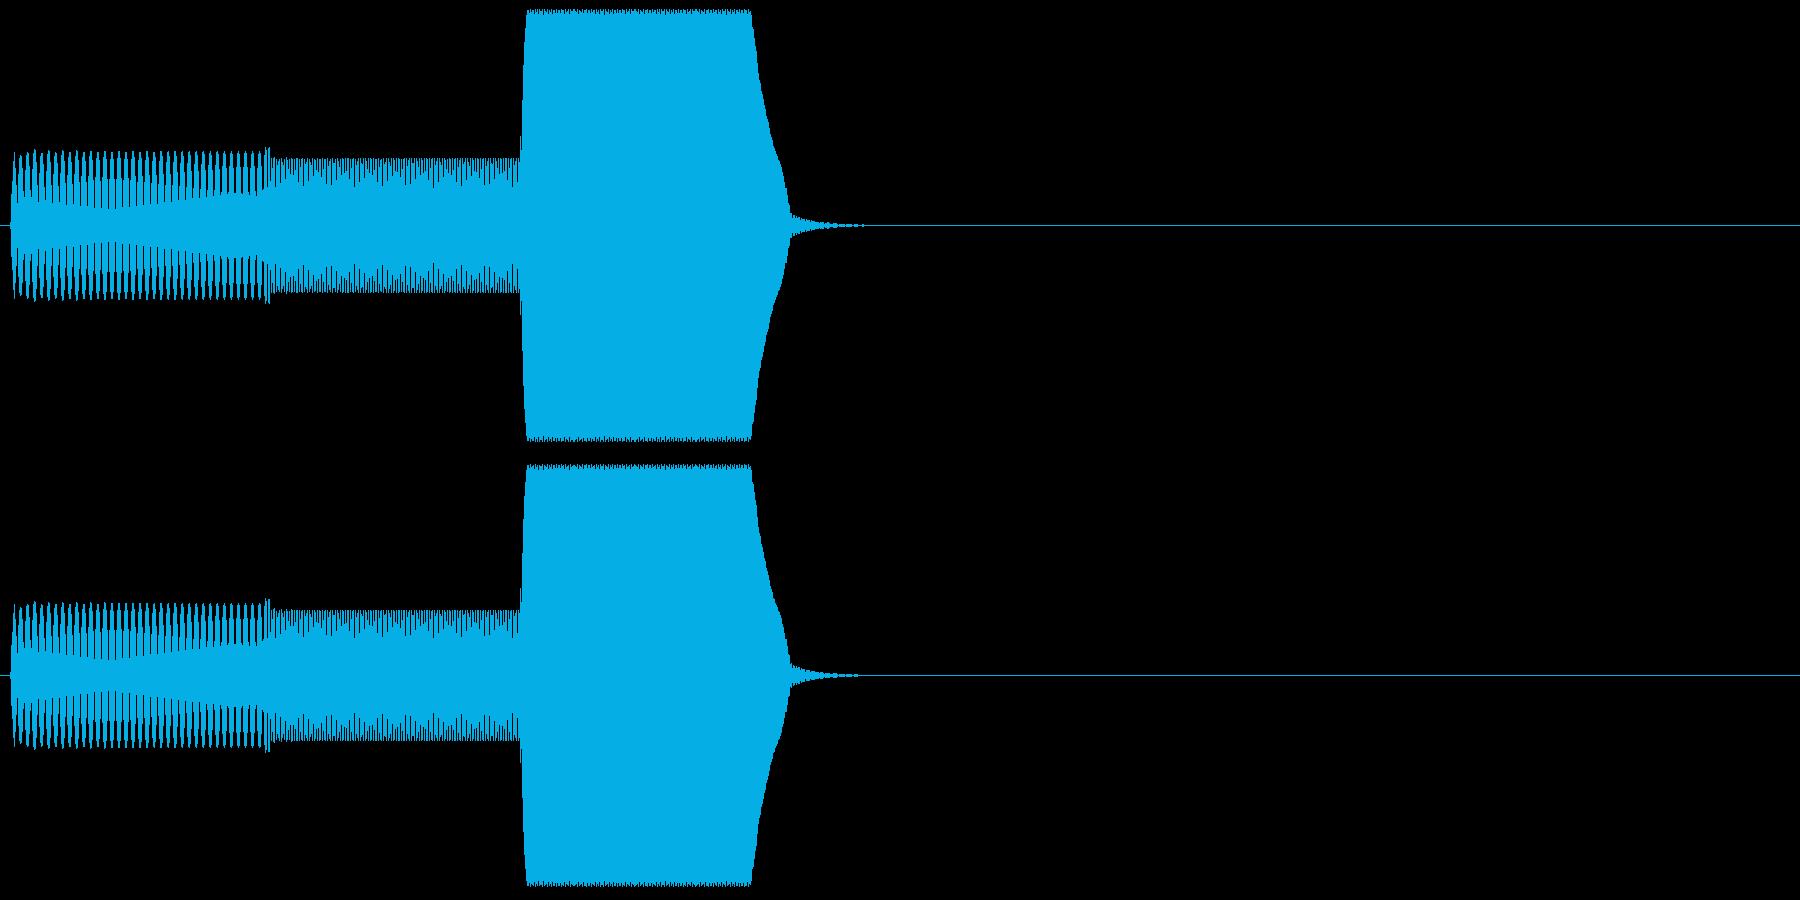 ゲーム系カーソル選択音01 (戻る)の再生済みの波形